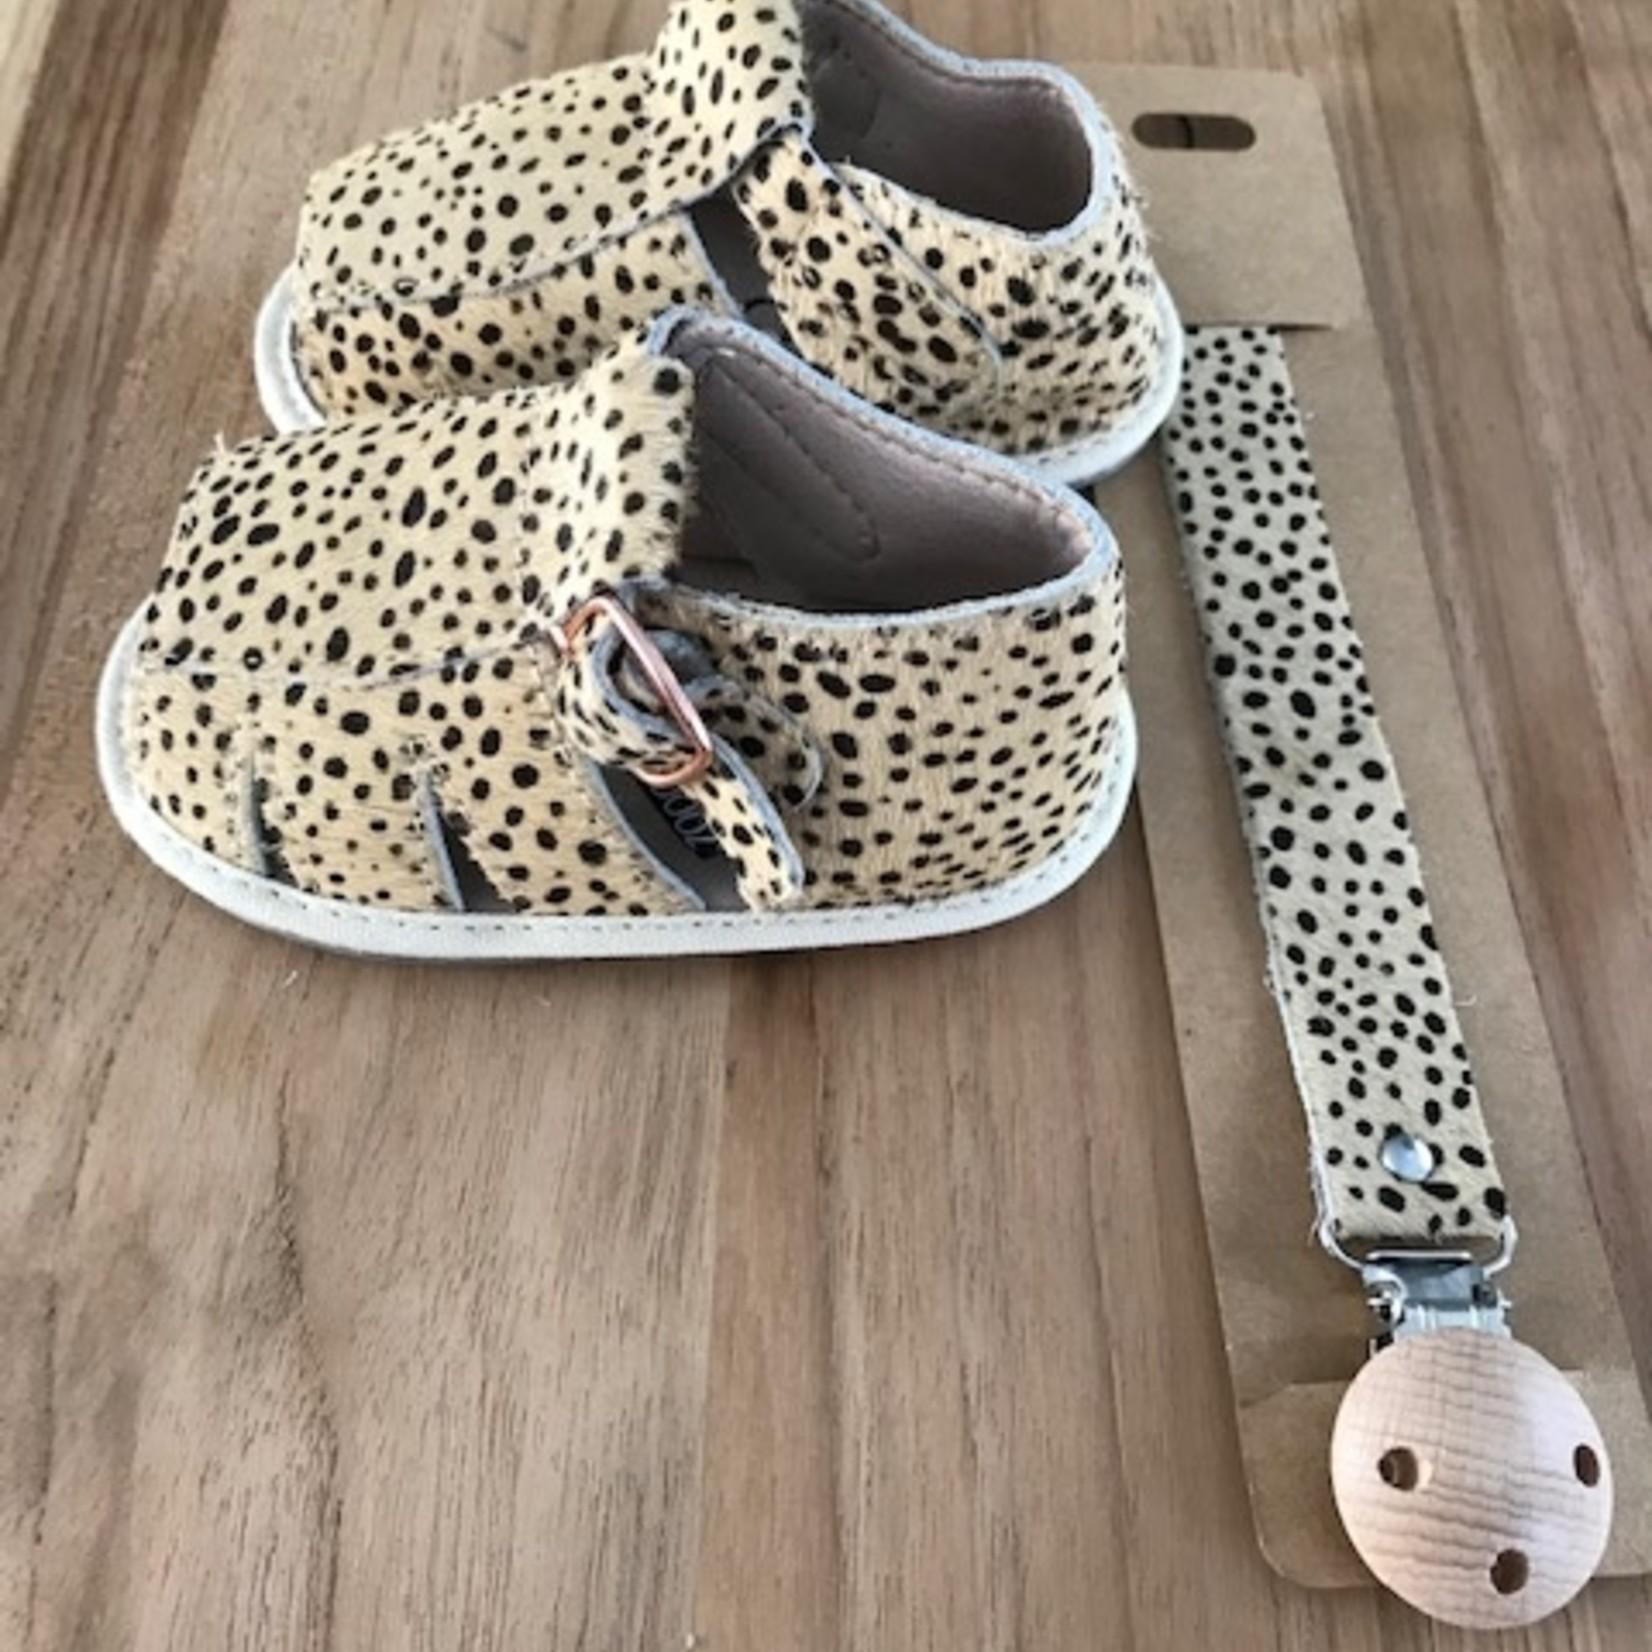 Kidooz Kidooz Lilo Sandals Cheetah